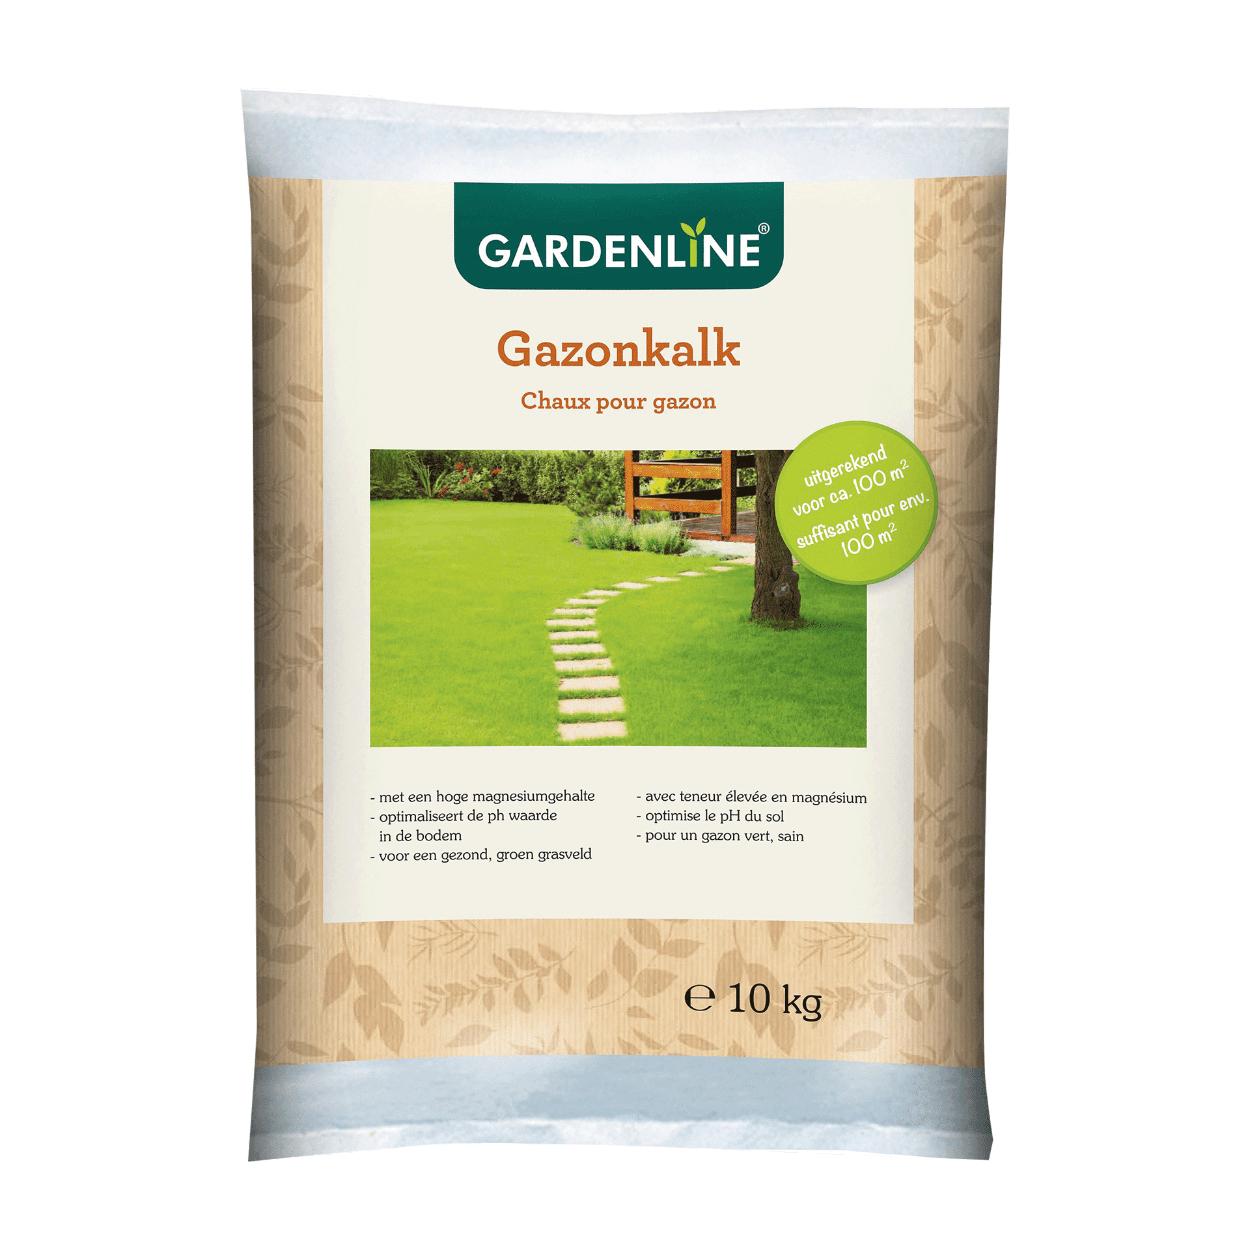 Chaux pour gazon Gardenline - 10Kg